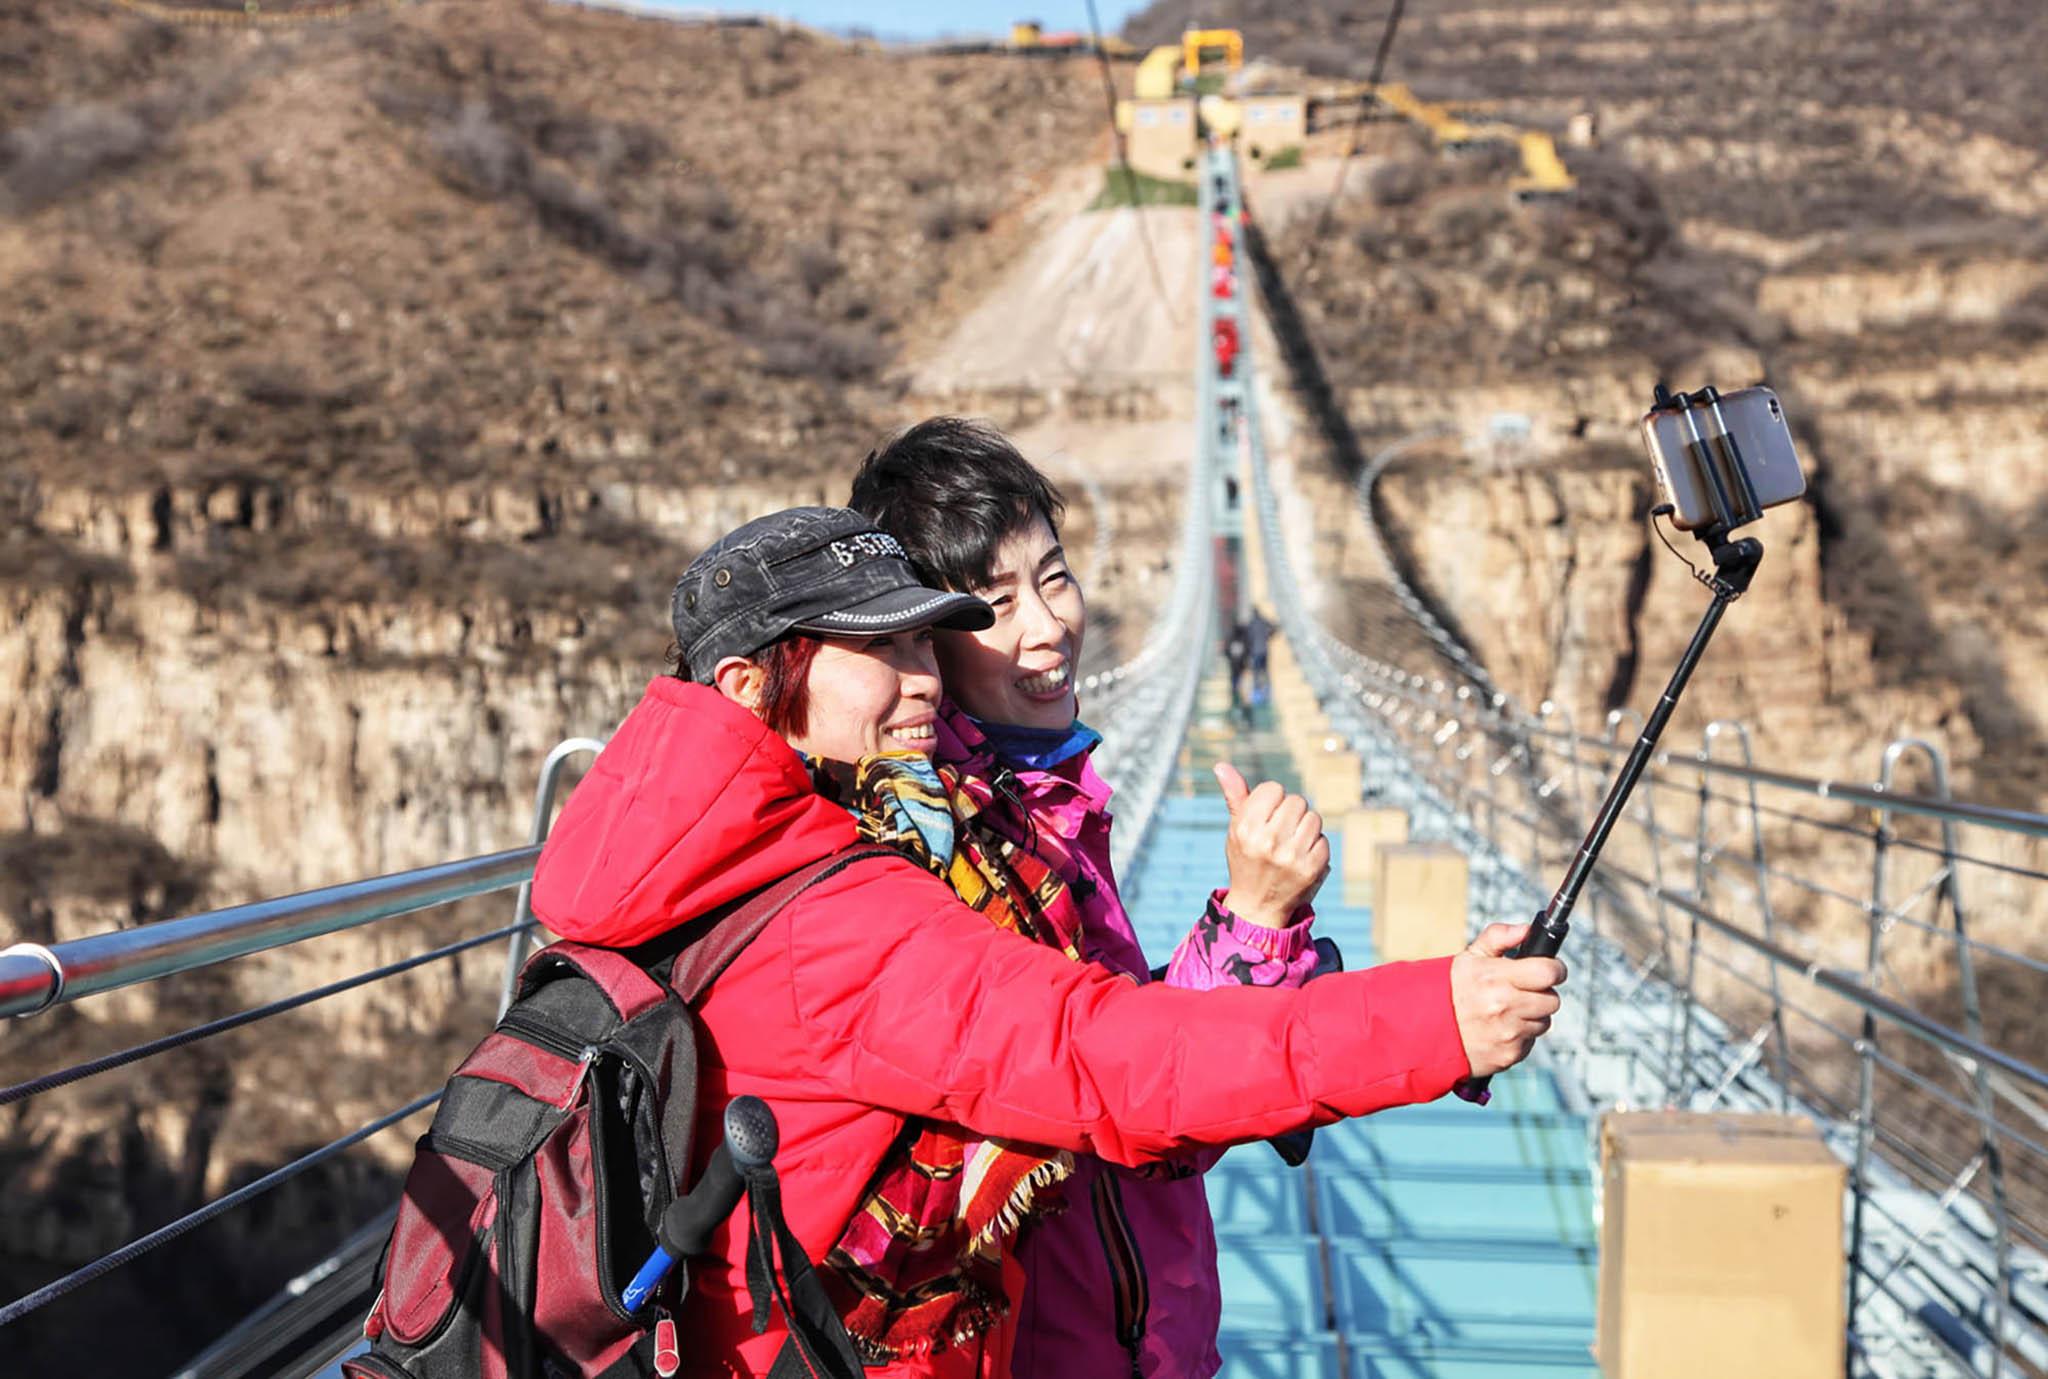 Turismo à procura de adrenalina traz dinheiro a região pobre